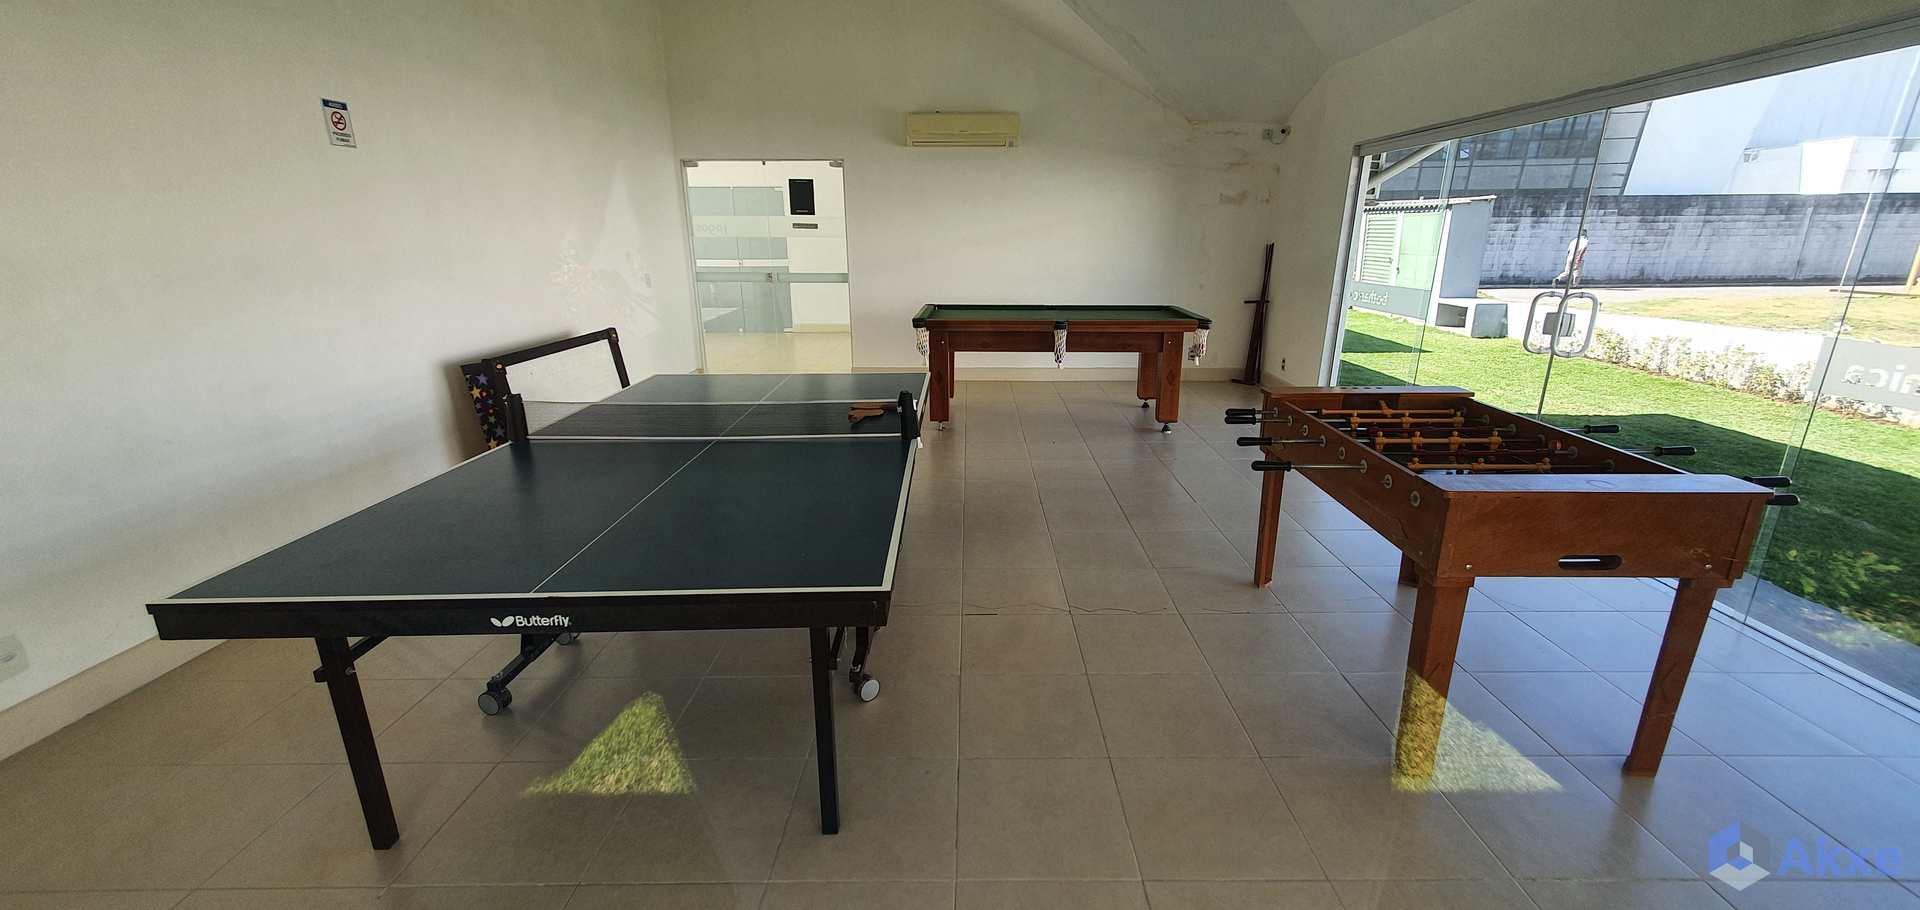 Casa com 4 dorms, Recreio dos Bandeirantes, Rio de Janeiro - R$ 1.89 mi, Cod: 59